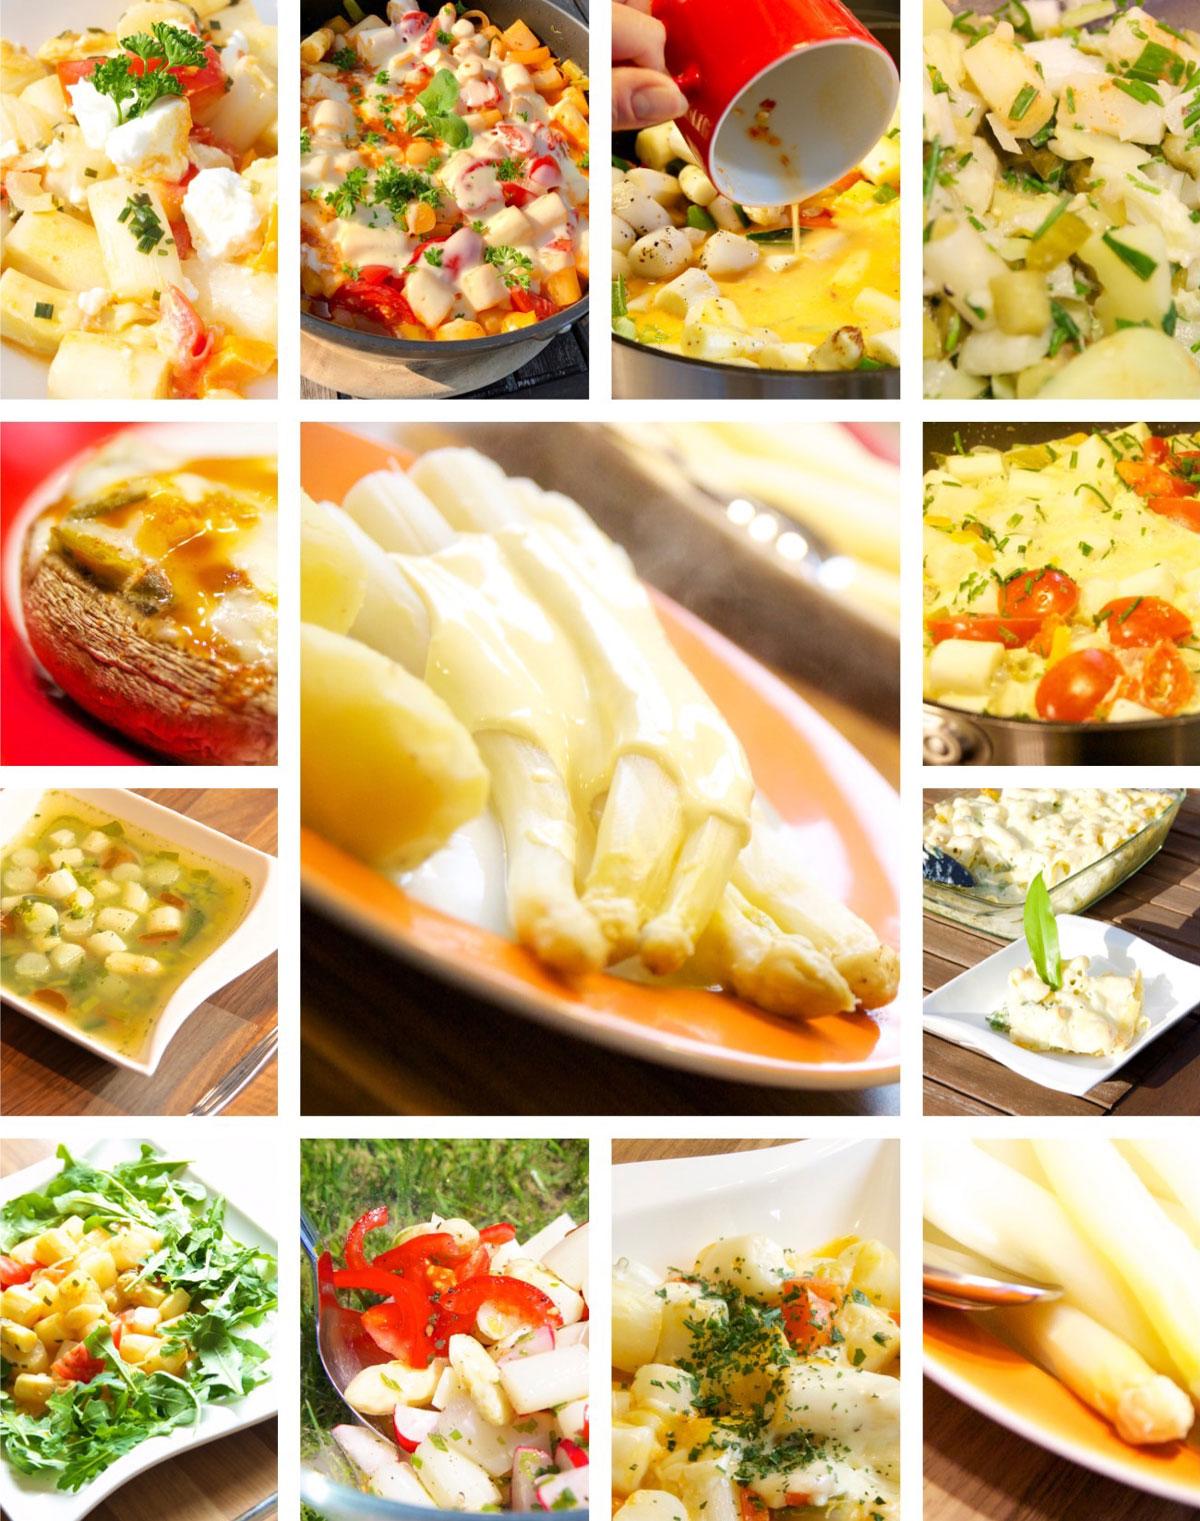 Spargel, Spargelsaison endet, letzte Möglichkeit, gesundes Gemüse, Zubereitungsmöglichkeiten, Variationsmöglichkeiten, Kochen, überbacken